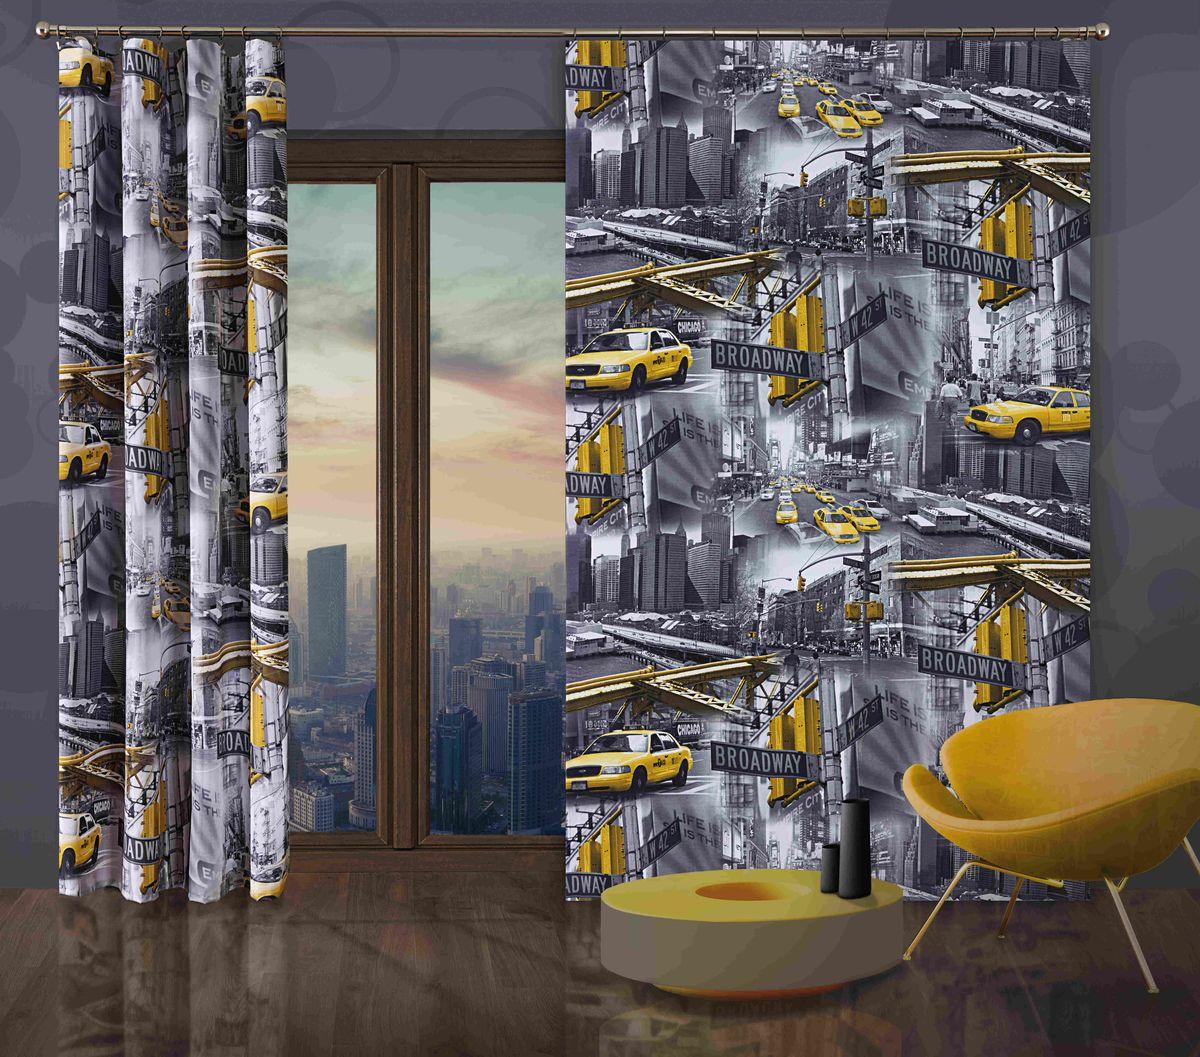 Комплект гардин-панно Wisan Taxi, на ленте, цвет: серый, желтый, высота 250 смW040Комплект гардин-панно Wisan Taxi, изготовленный из полиэстера, станет великолепным украшением любого окна. В комплект входят 2 плотные гардины с изображением мегаполиса.Качественный материал, оригинальный дизайн и приятная цветовая гамма привлекут к себе внимание и органично впишутся в интерьер. Комплект оснащен шторной лентой для красивой сборки.Размер гардин-панно: 150 см х 250 см.Фирма Wisan на польском рынке существует уже более пятидесяти лет и является одной из лучших польских фабрик по производству штор и тканей. Ассортимент фирмы представлен готовыми комплектами штор для гостиной, детской, кухни, а также текстилем для кухни (скатерти, салфетки, дорожки, кухонные занавески). Модельный ряд отличает оригинальный дизайн, высокое качество. Ассортимент продукции постоянно пополняется.